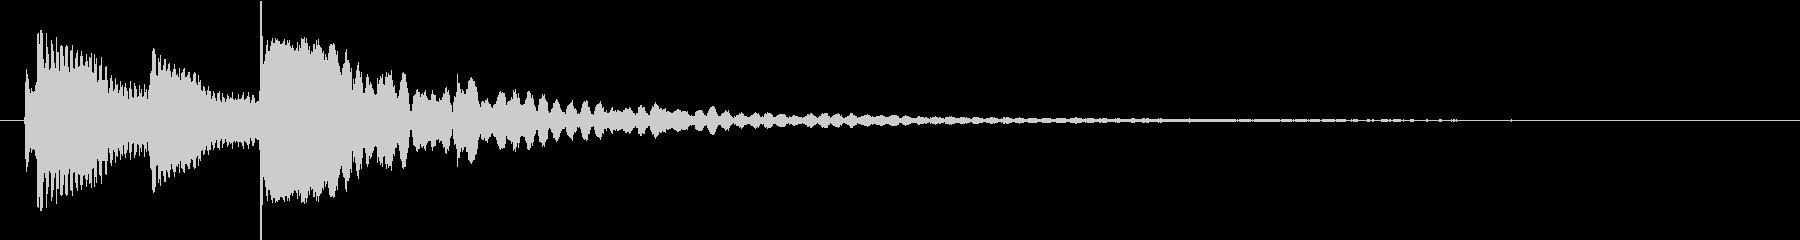 シンプルなチル系ベルのジングルの未再生の波形